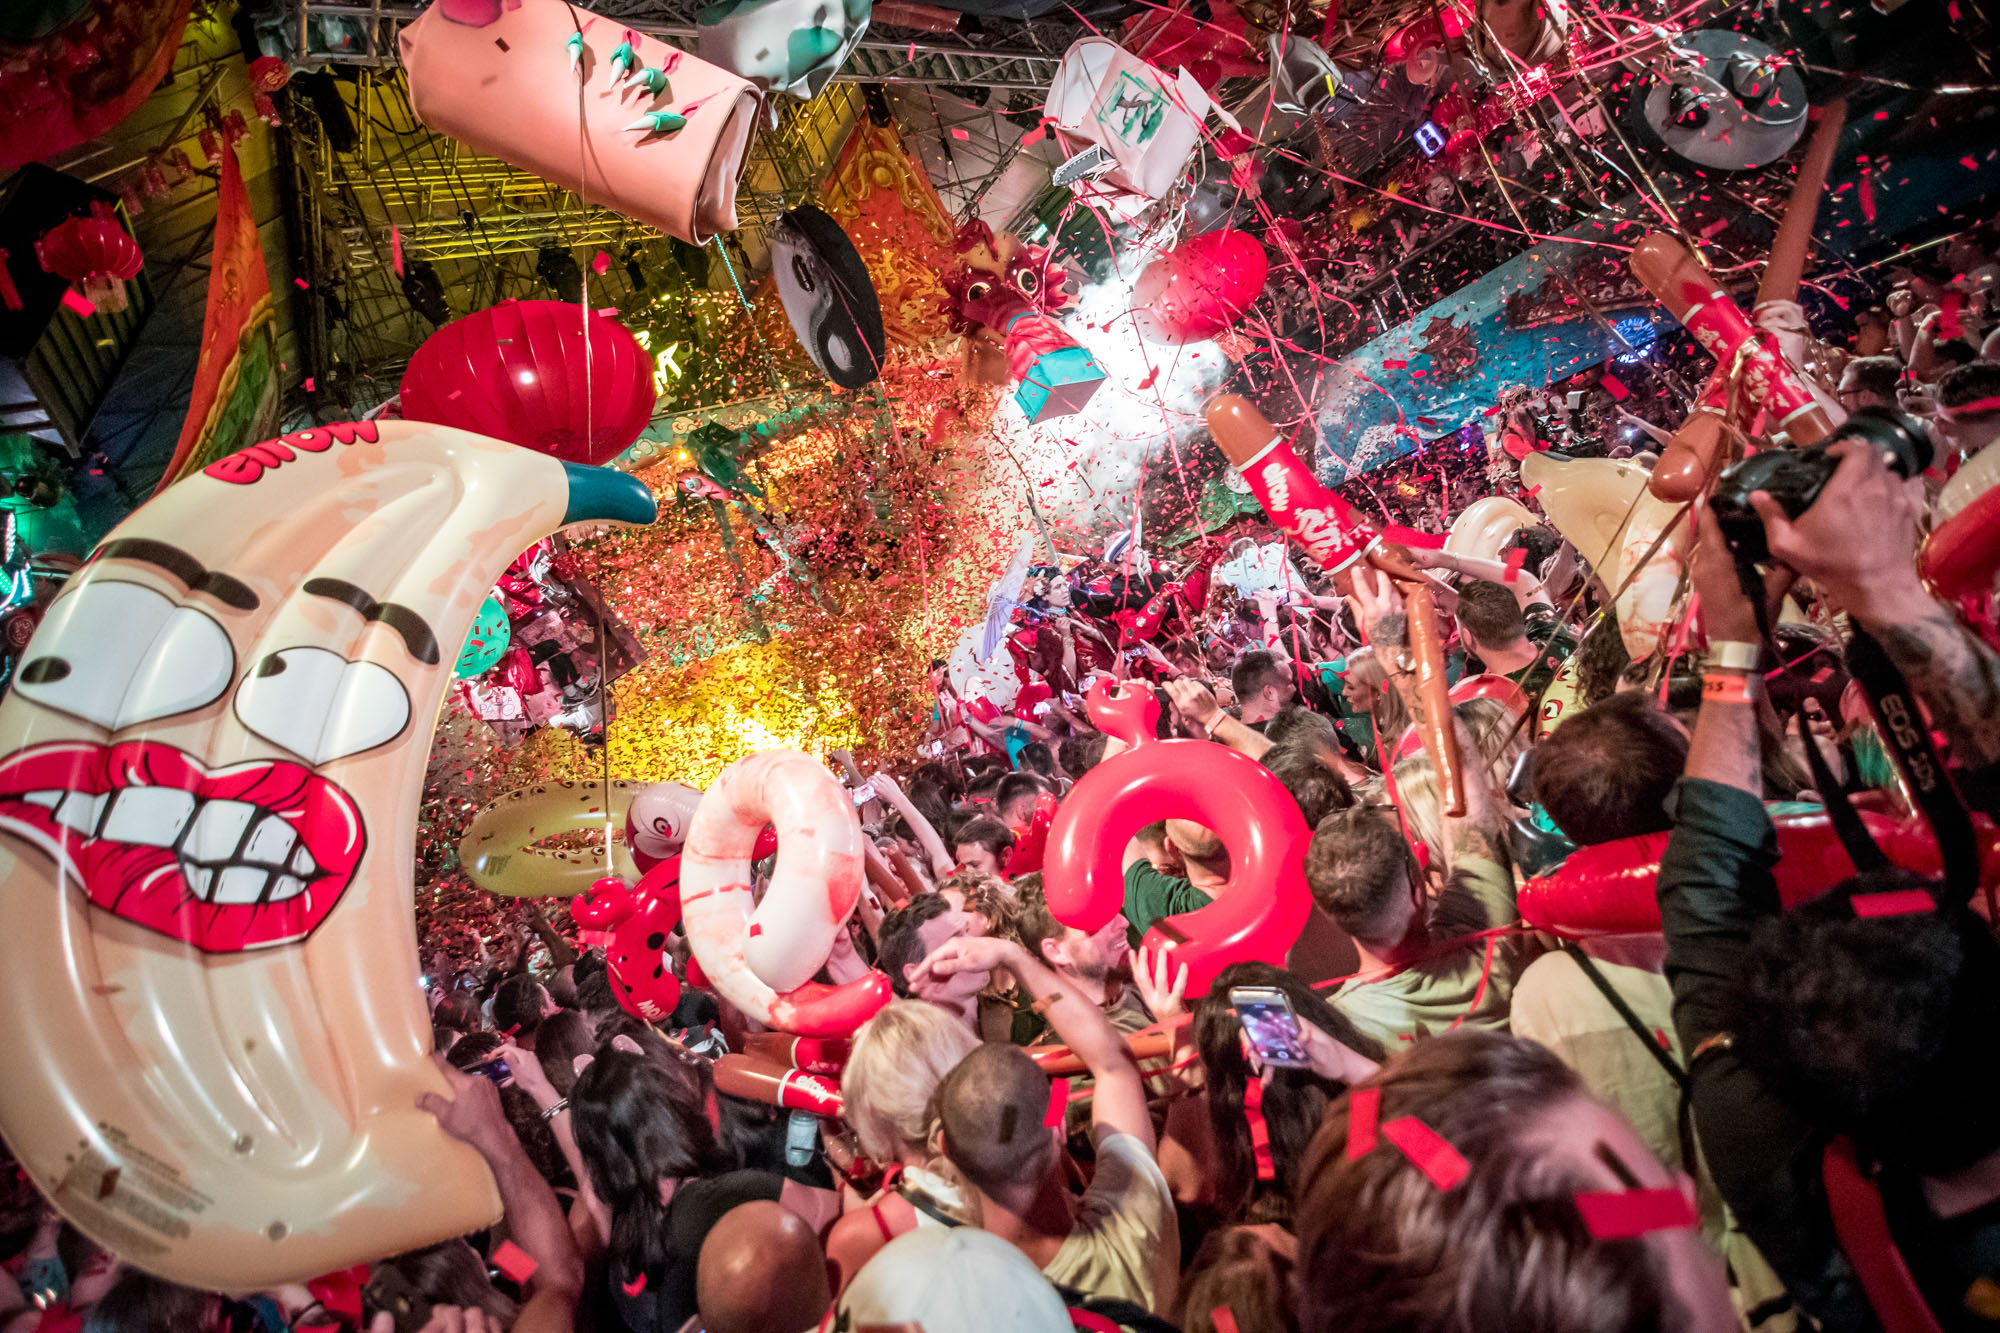 Da arte urbana às festas de Carnaval, 8 planos para o fim de semana